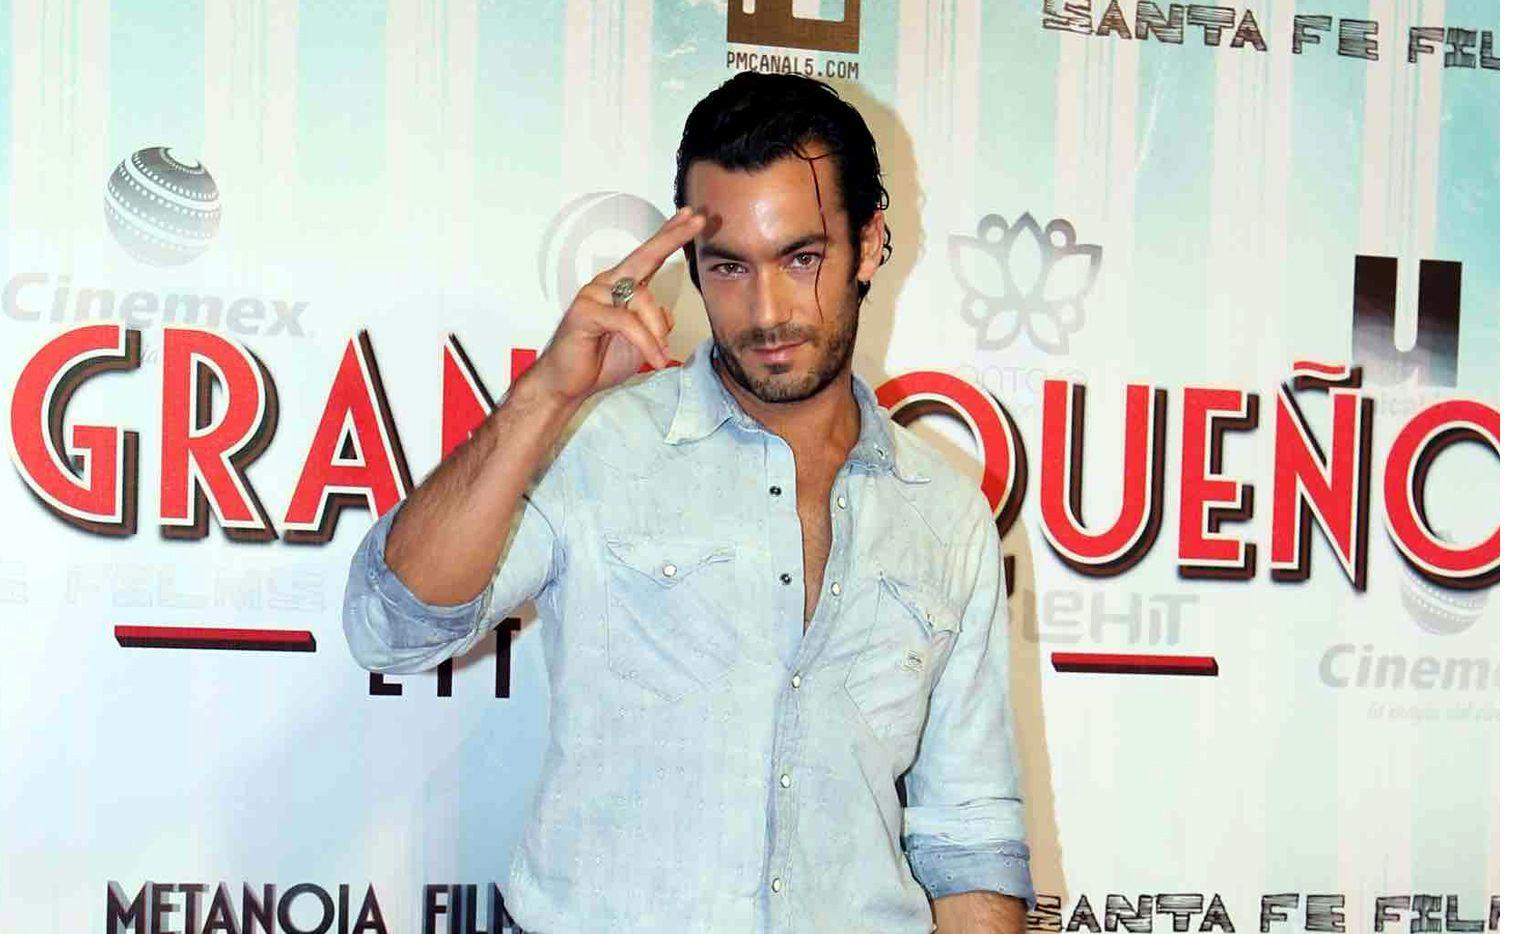 El actor Aarón Díaz ofrecerá el 26 de octubre una firma de autógrafos en una tienda departamental. (AGENCIA REFORMA)